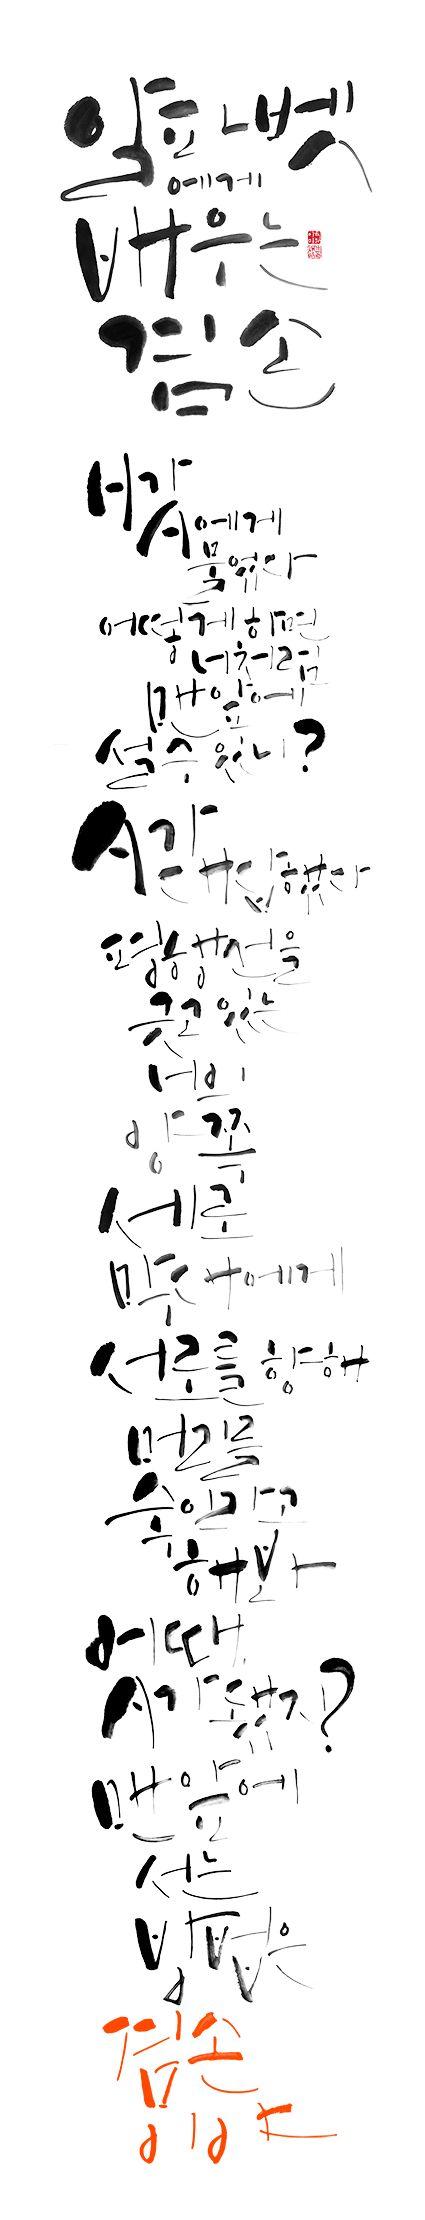 calligraphy_알파벳에게 배우는 겸손. H가 A에게 물었다. 어떻게 하면 너처럼 맨앞에 설 수 있니?A가 대답했다. 평행선을 긋고 있는 너의 양쪽 세로막대에게 서로를 향해 머리를 숙이라고 해 봐. 어때, A가 됐지? 맨 앞에 서는 방법은 겸손이다_머리를 9하라<정철>